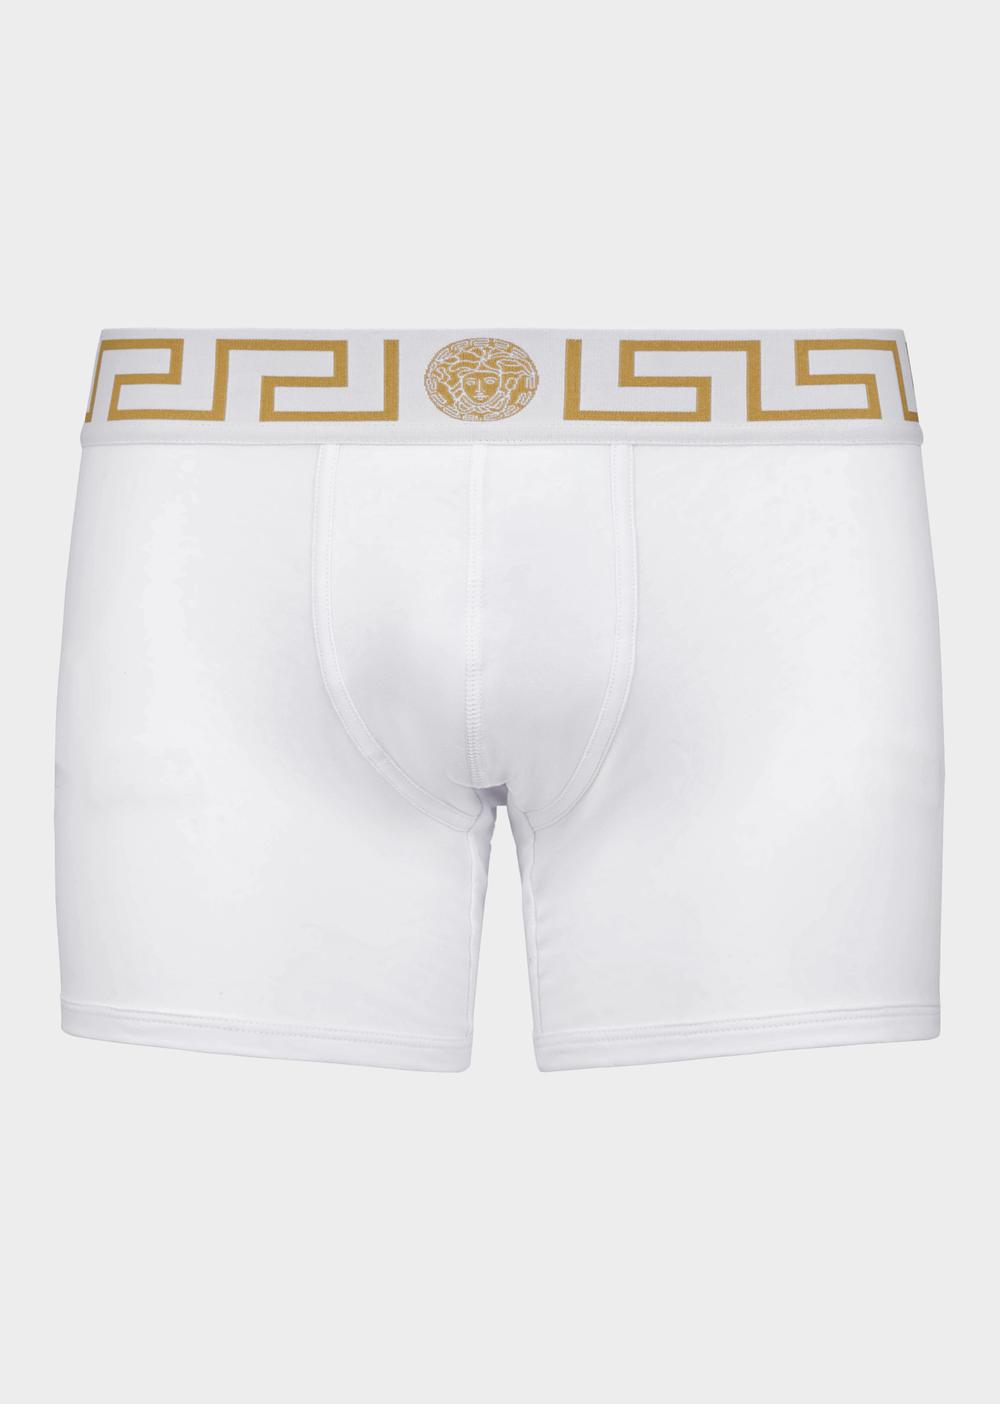 Versace - White Low-Rise Medusa Boxer Briefs